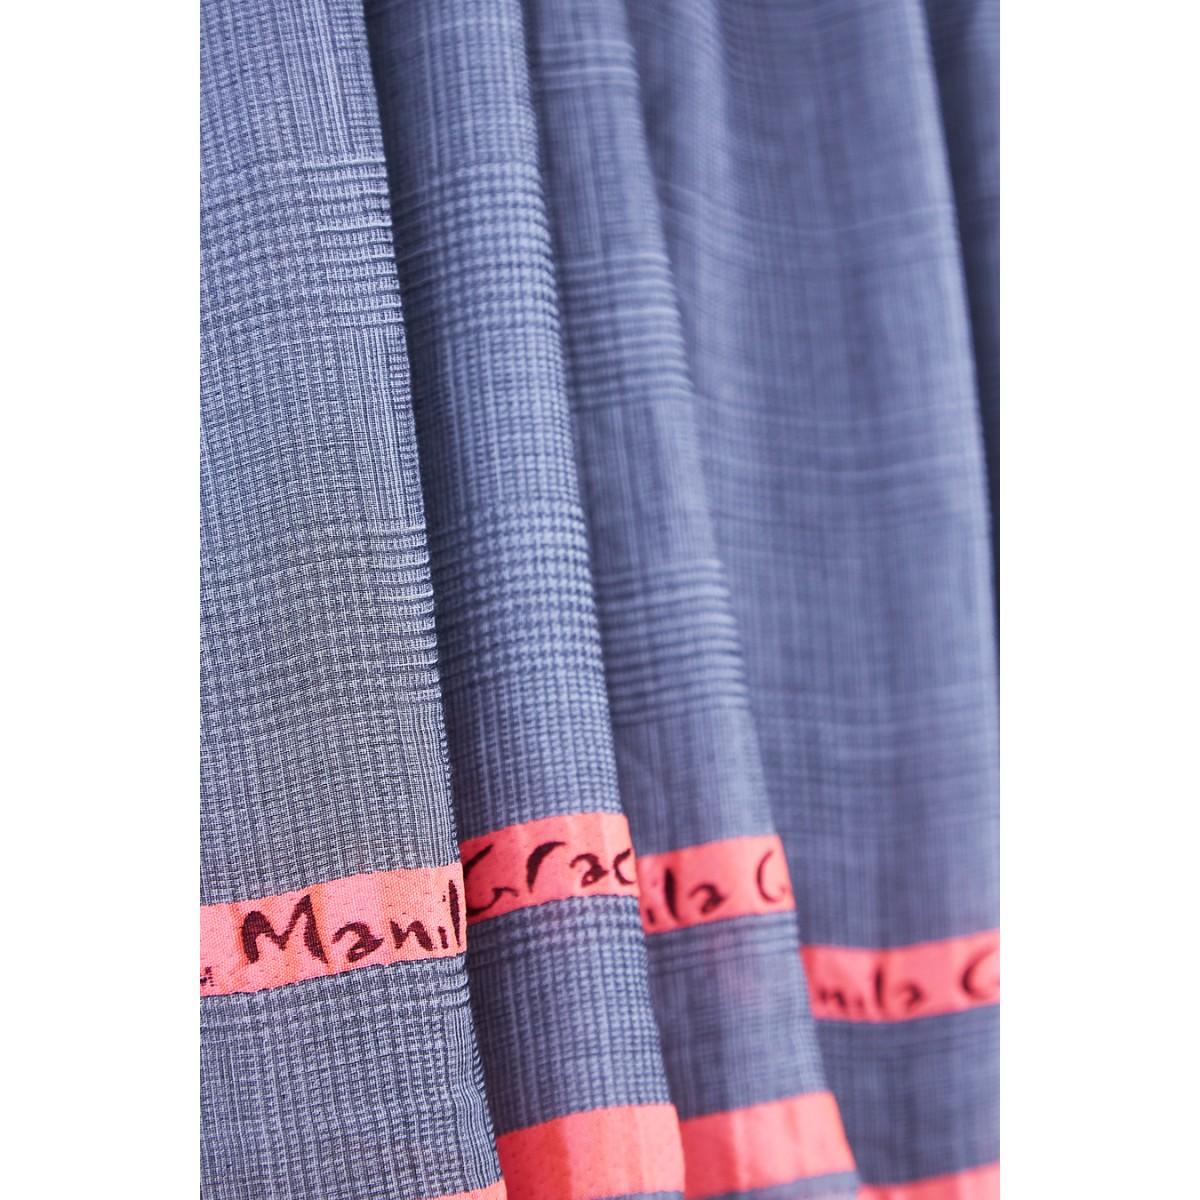 foulard-principe-di-galles-loghi-fluo